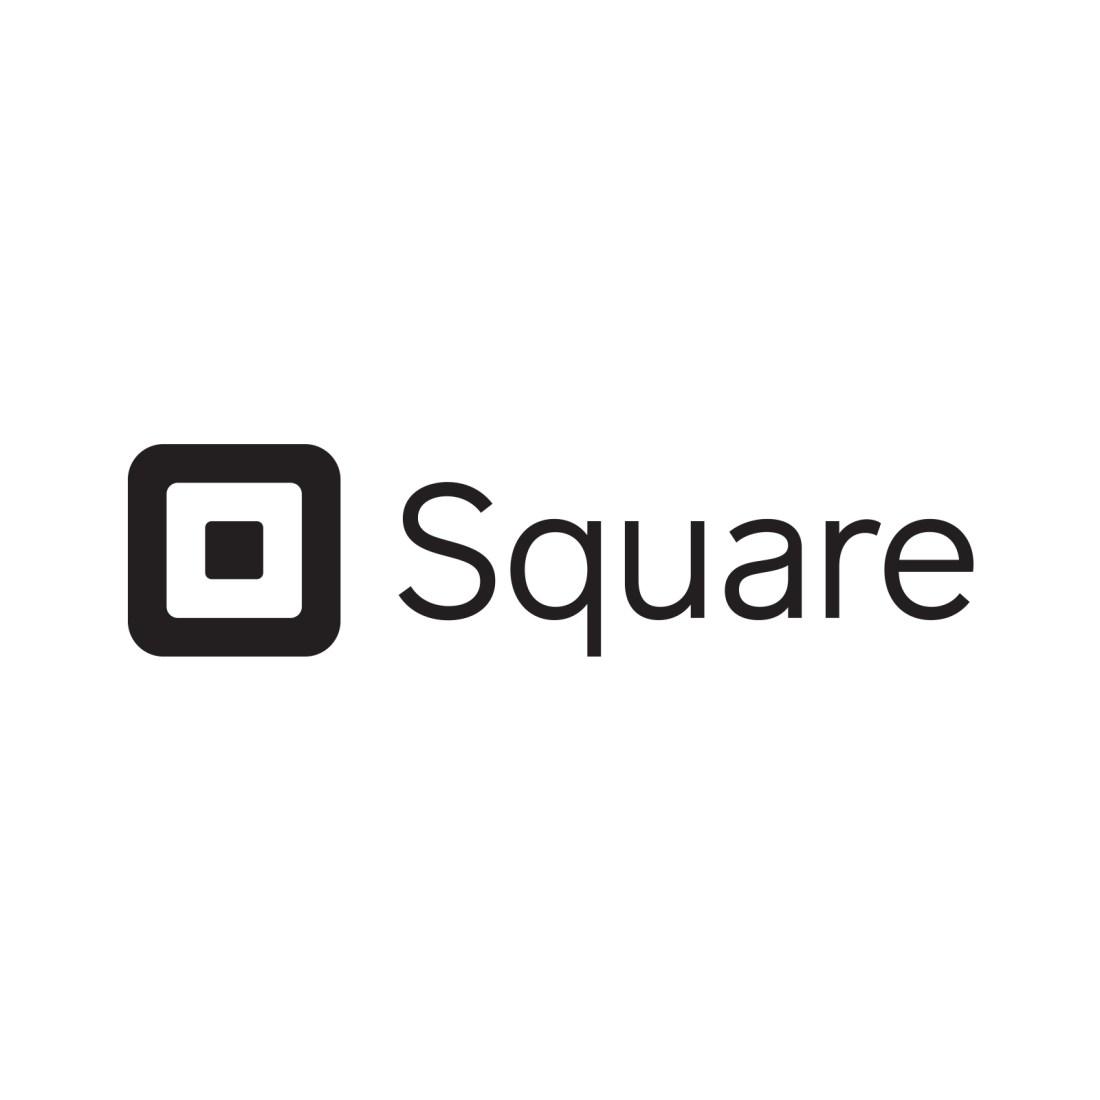 square.02-bf091cf8901771a89873b089a646cd50